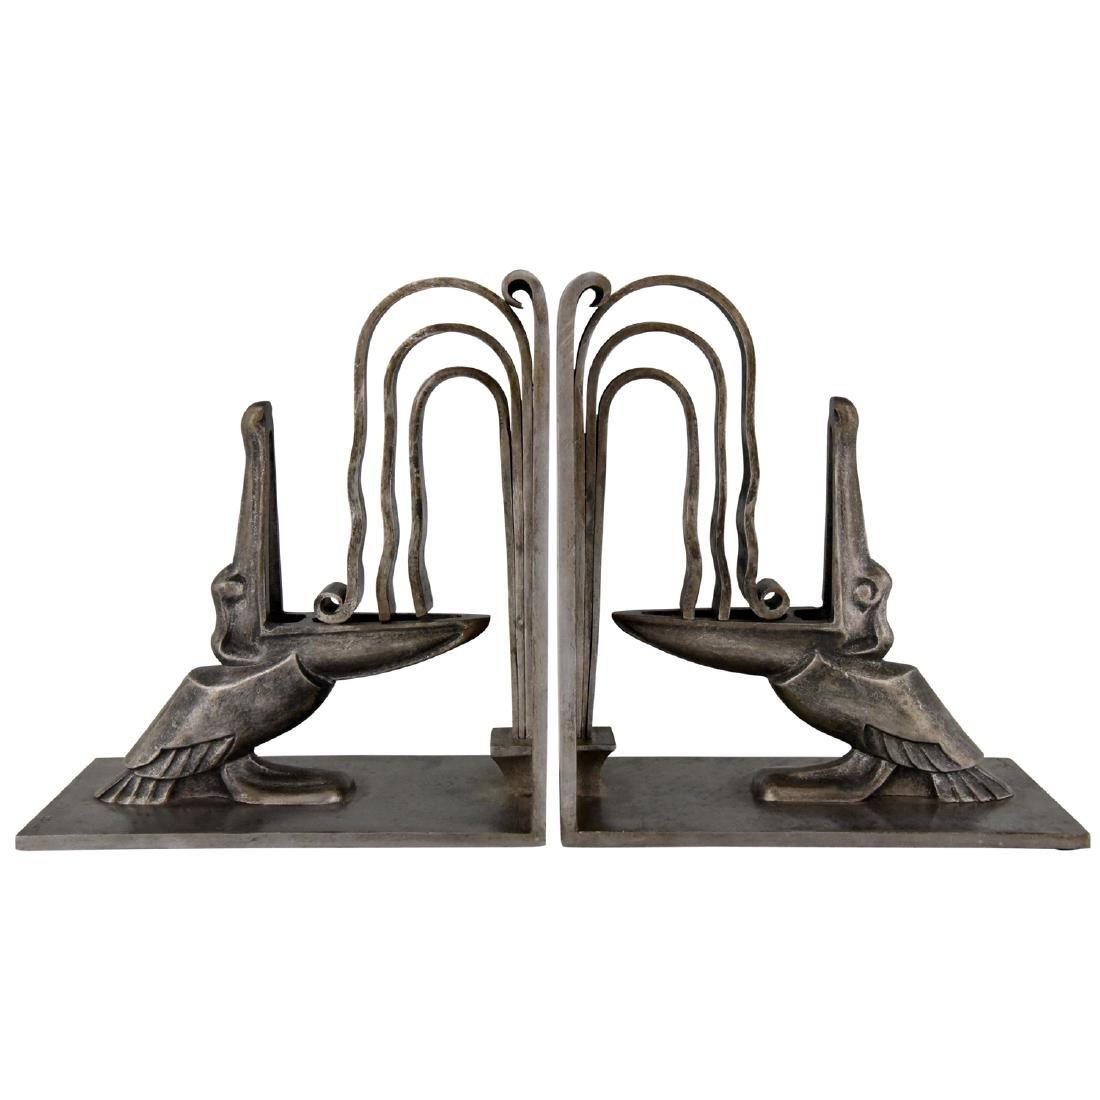 Edgar Brandt: Art Deco wrought iron pelican bookends